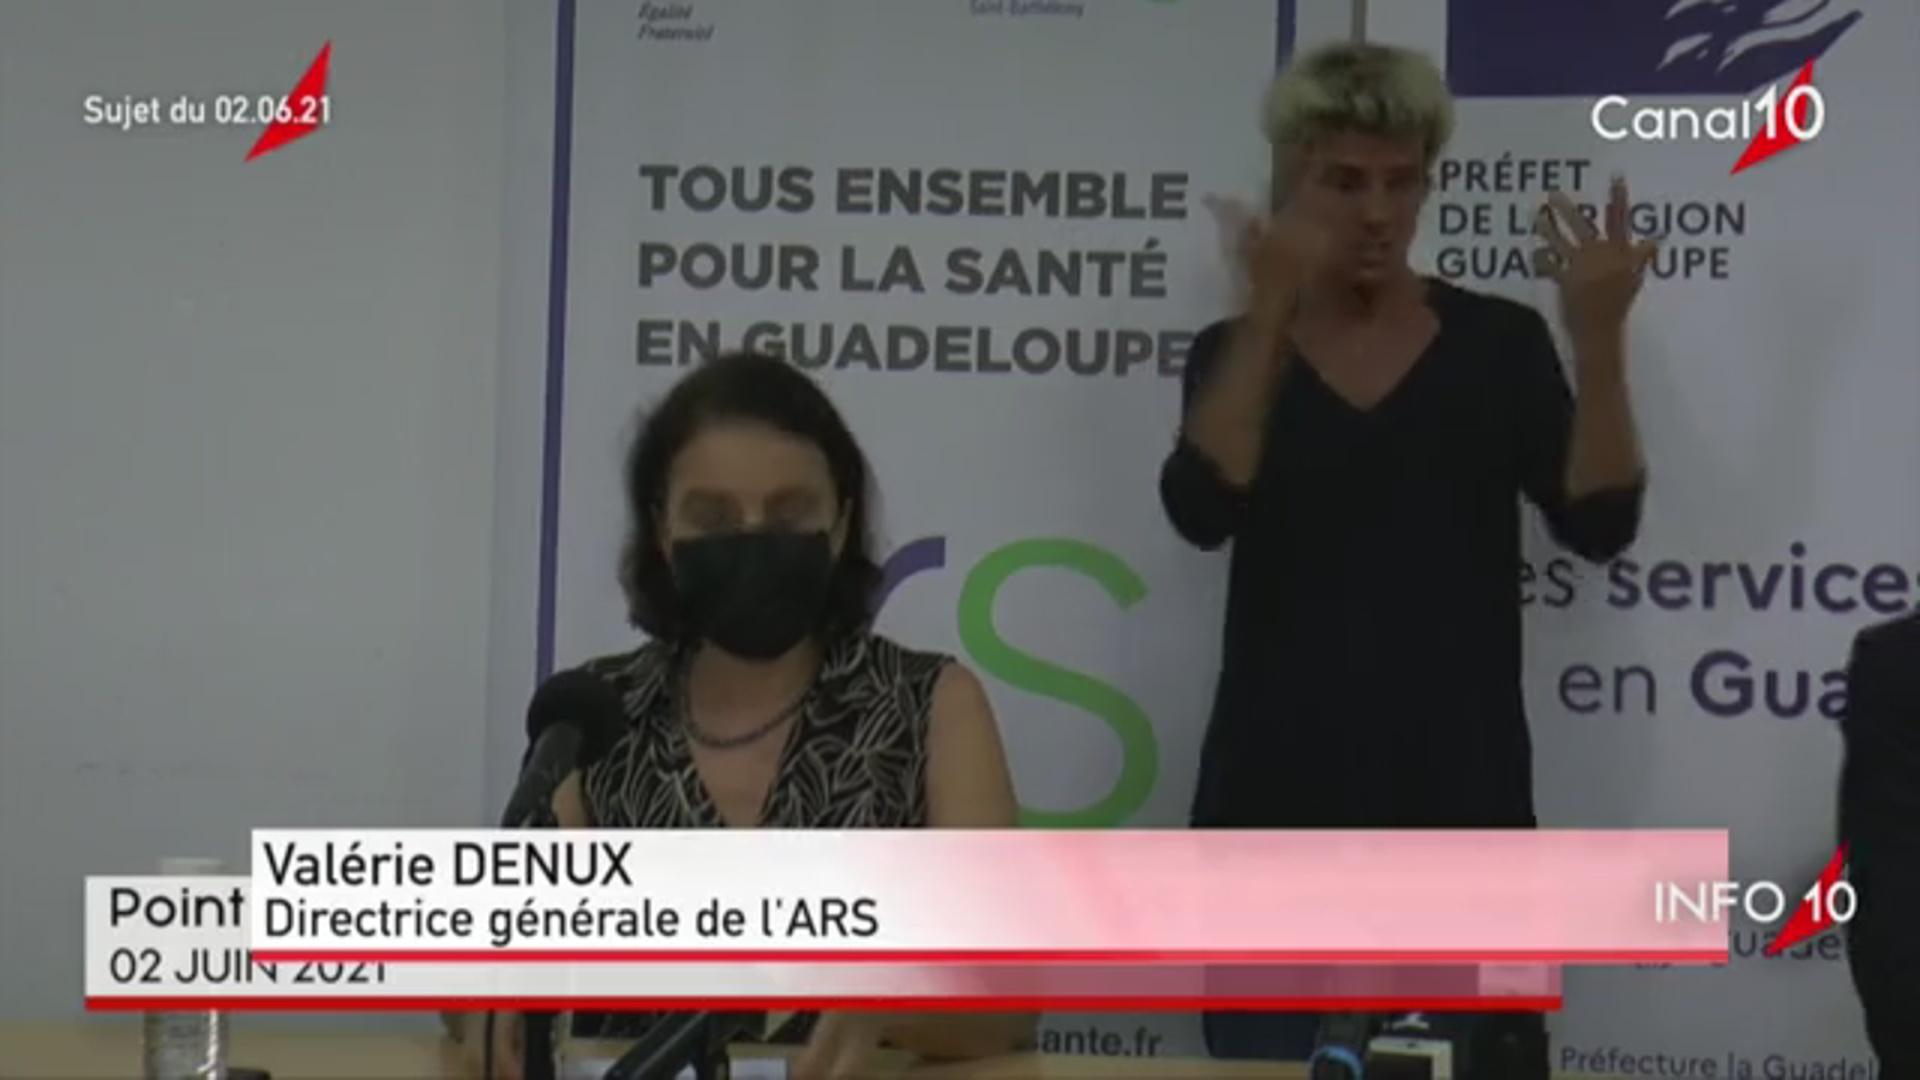 [Vidéo] Onews Guadeloupe. Covid. Le Préfet de région décide l'allègement progressif des mesures.